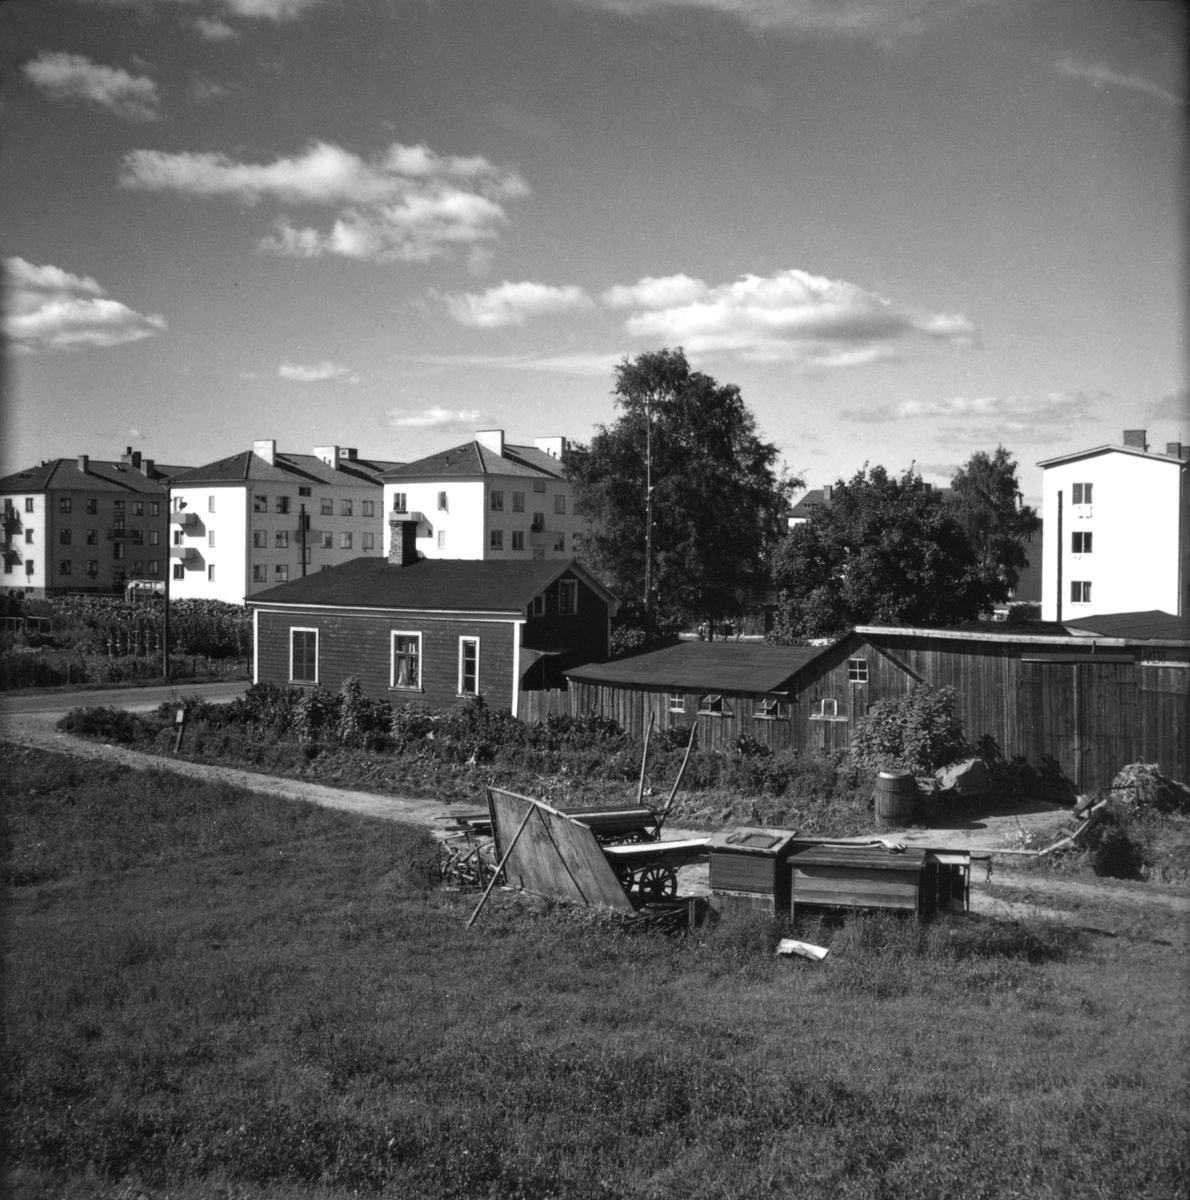 En smal grusväg går utmed en äng där dragkärror och små skjul är uppställda. Större trähus och nyare flerfamiljshus syns i bakgrunden, ett bostadsområde i Jönköping.